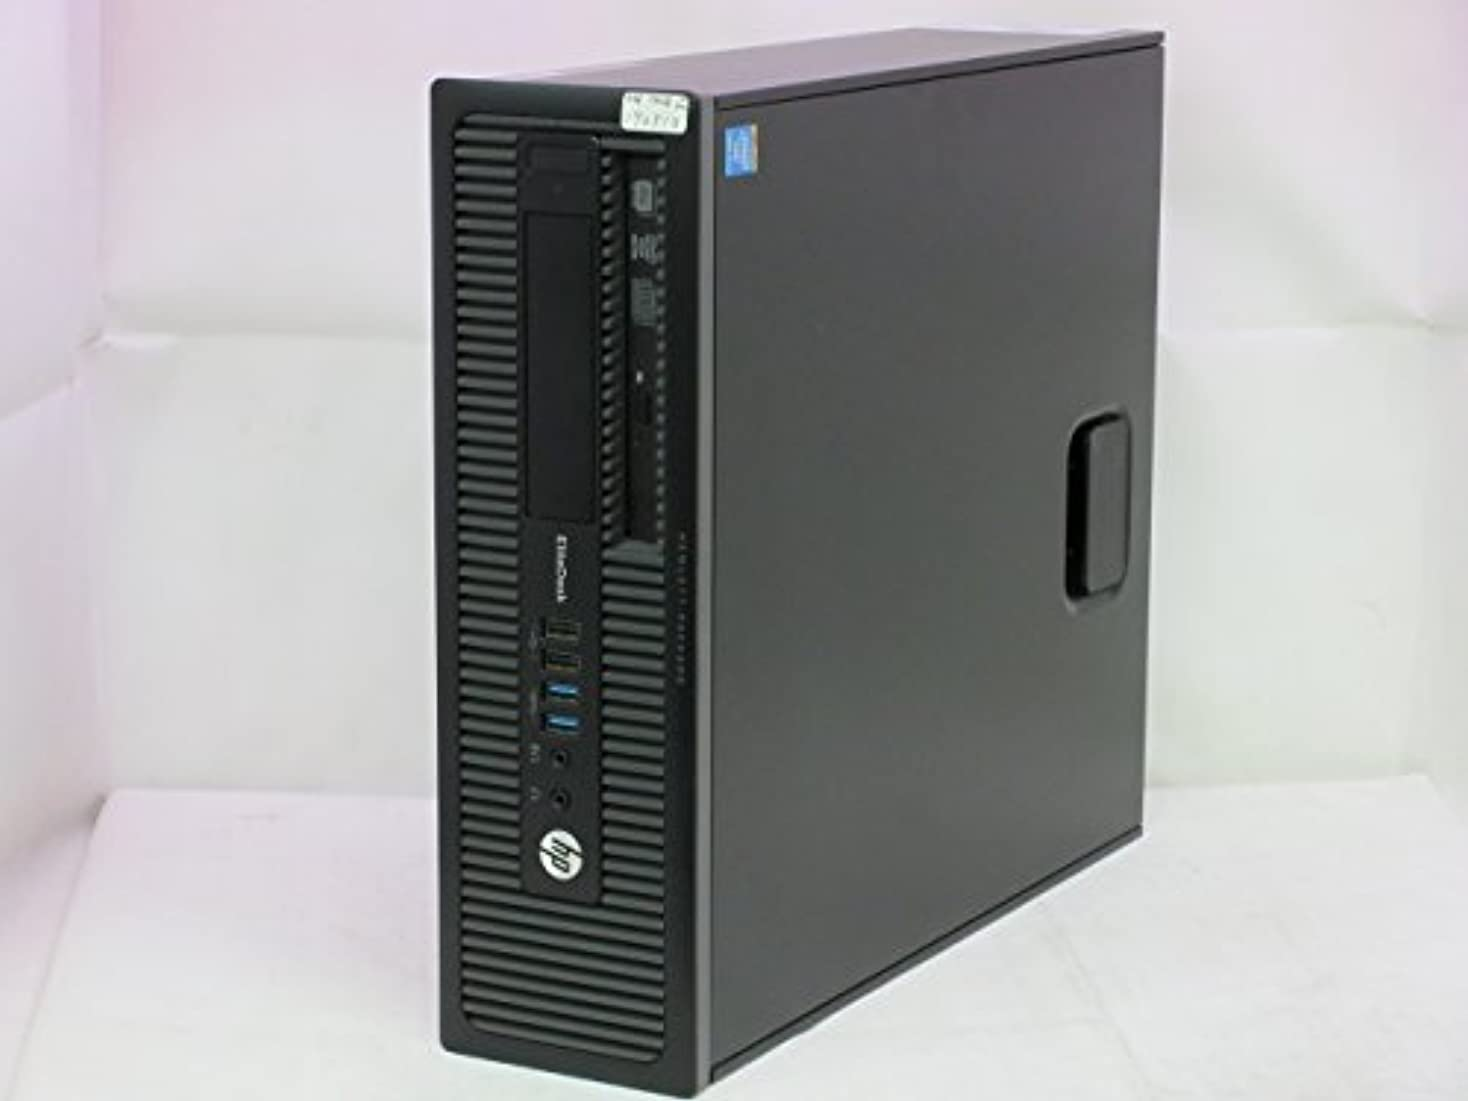 品妥協リレー【中古】 ヒューレット?パッカード HP EliteDesk 800 G1 SF/CT デスクトップパソコン Core i5 4670 メモリ8GB 500GBHDD DVDスーパーマルチ Windows10 Professional 64bit C8N26AV